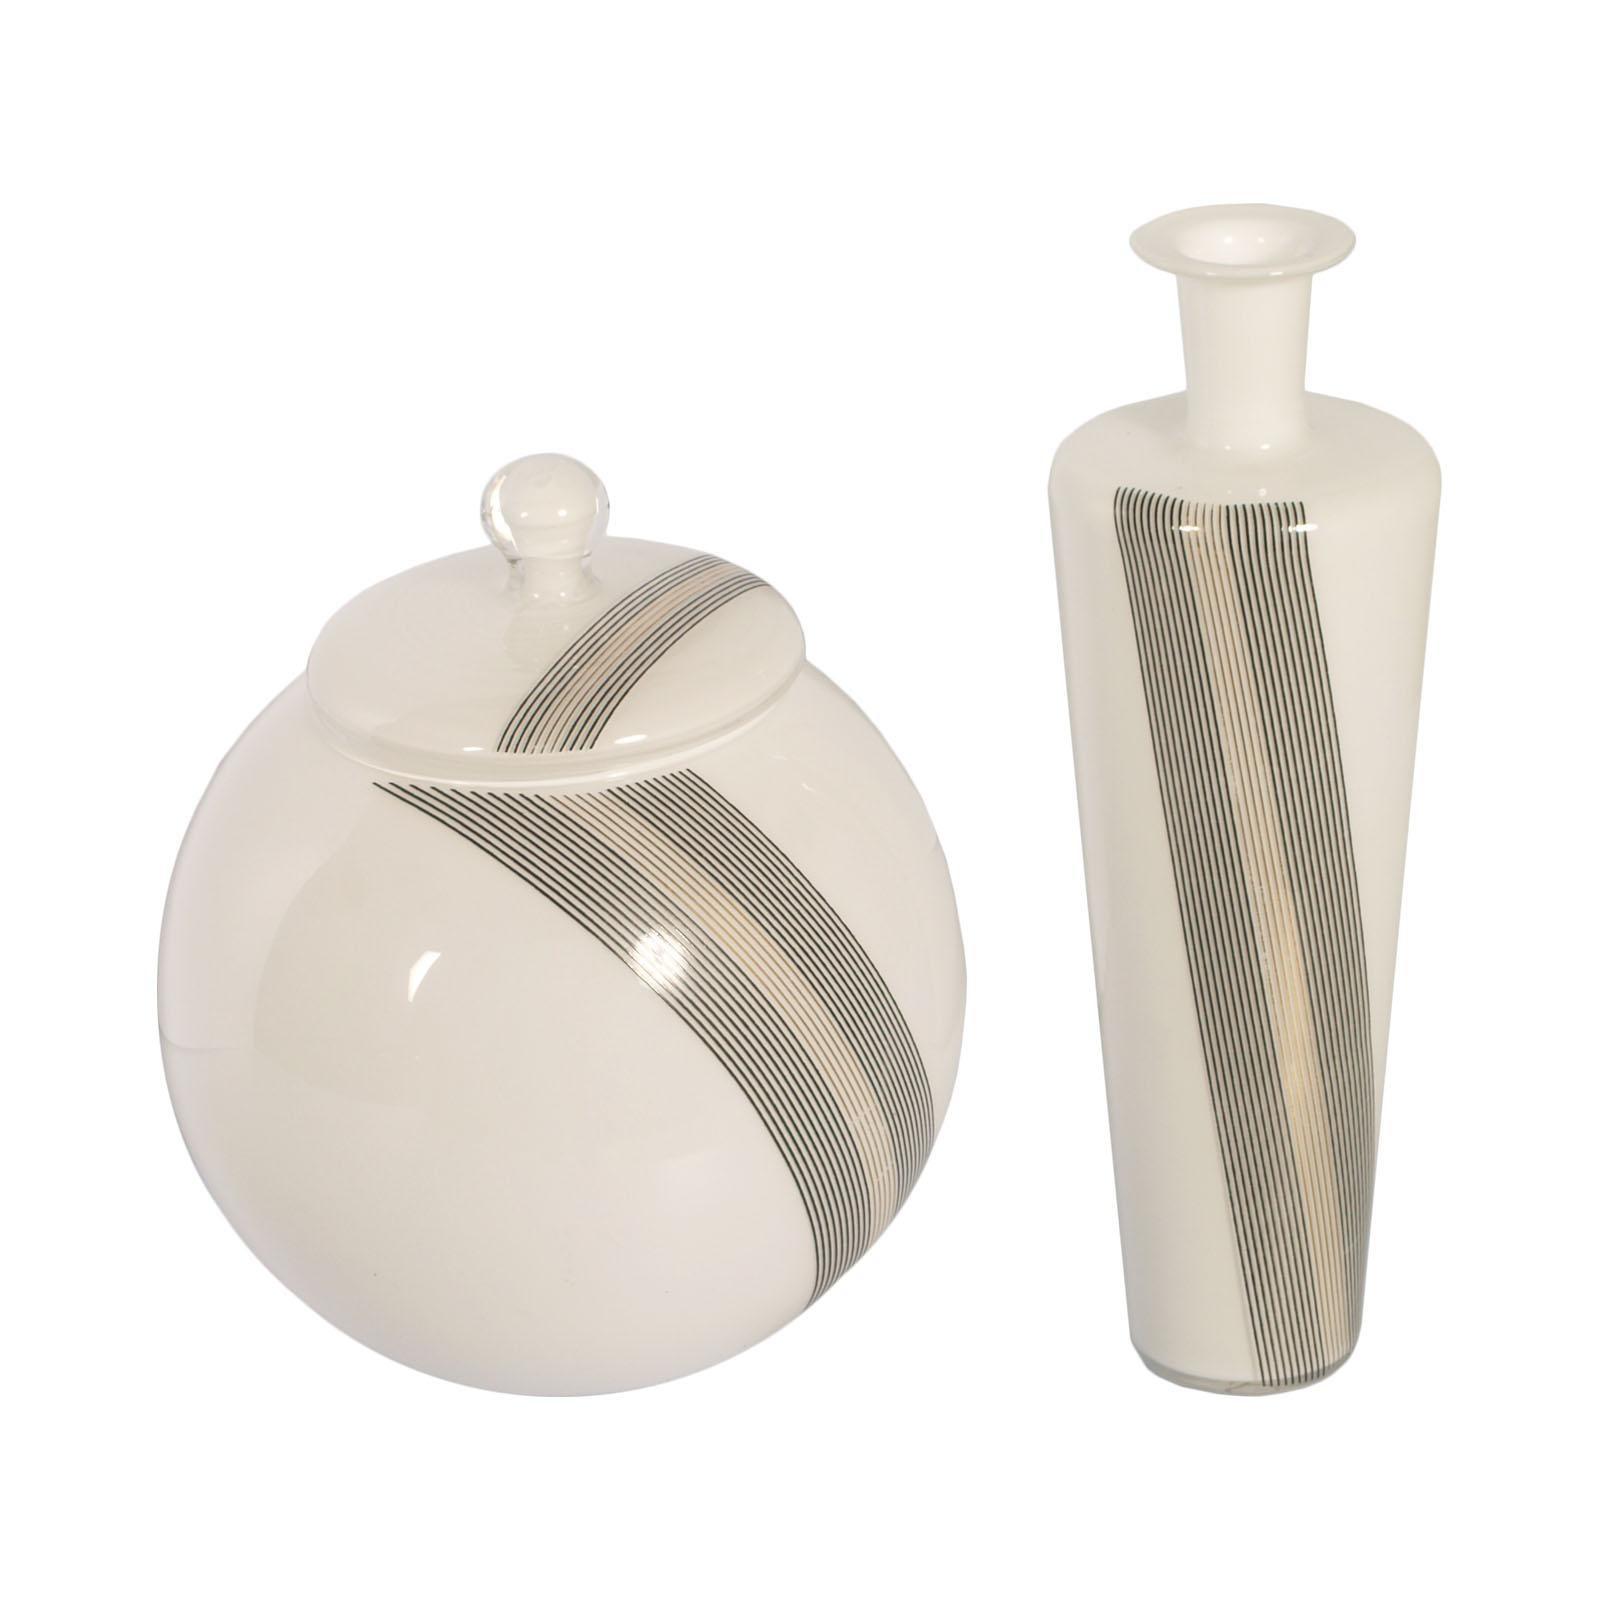 Set Vases Tapio Wirkkala for Venini attributable in blown Lattimio Murano Glass